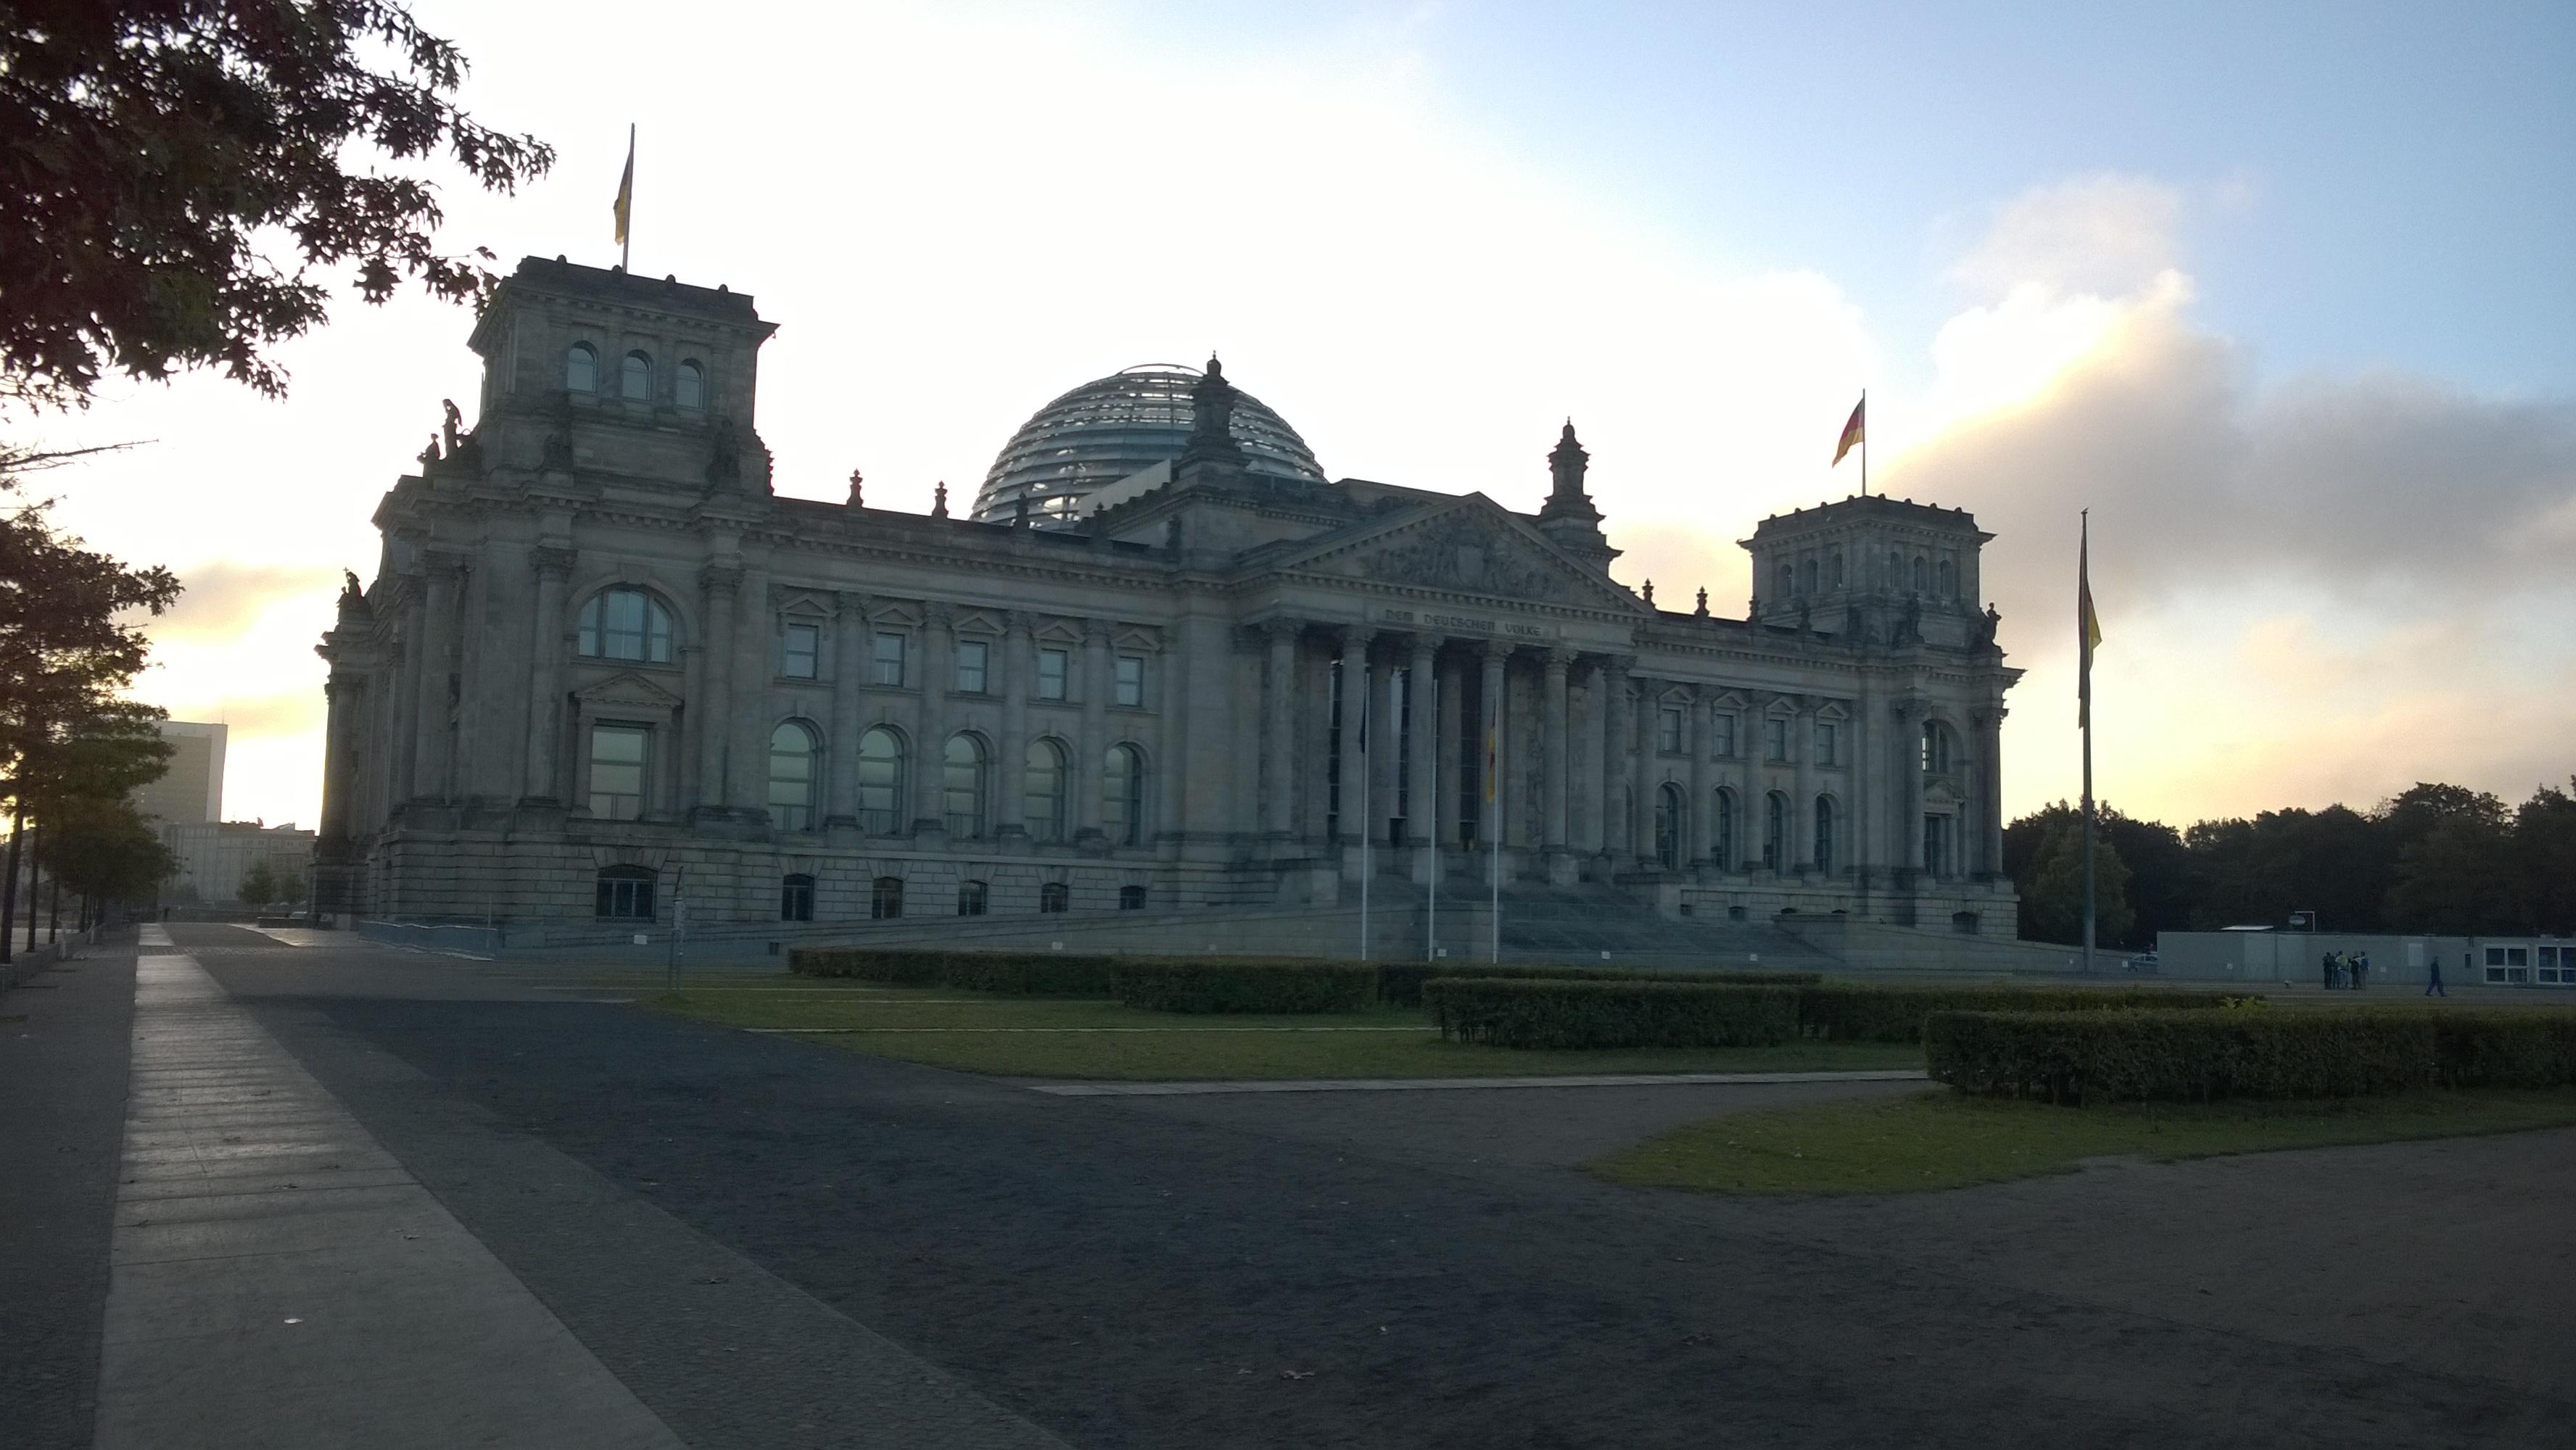 German Parliament Bundestag